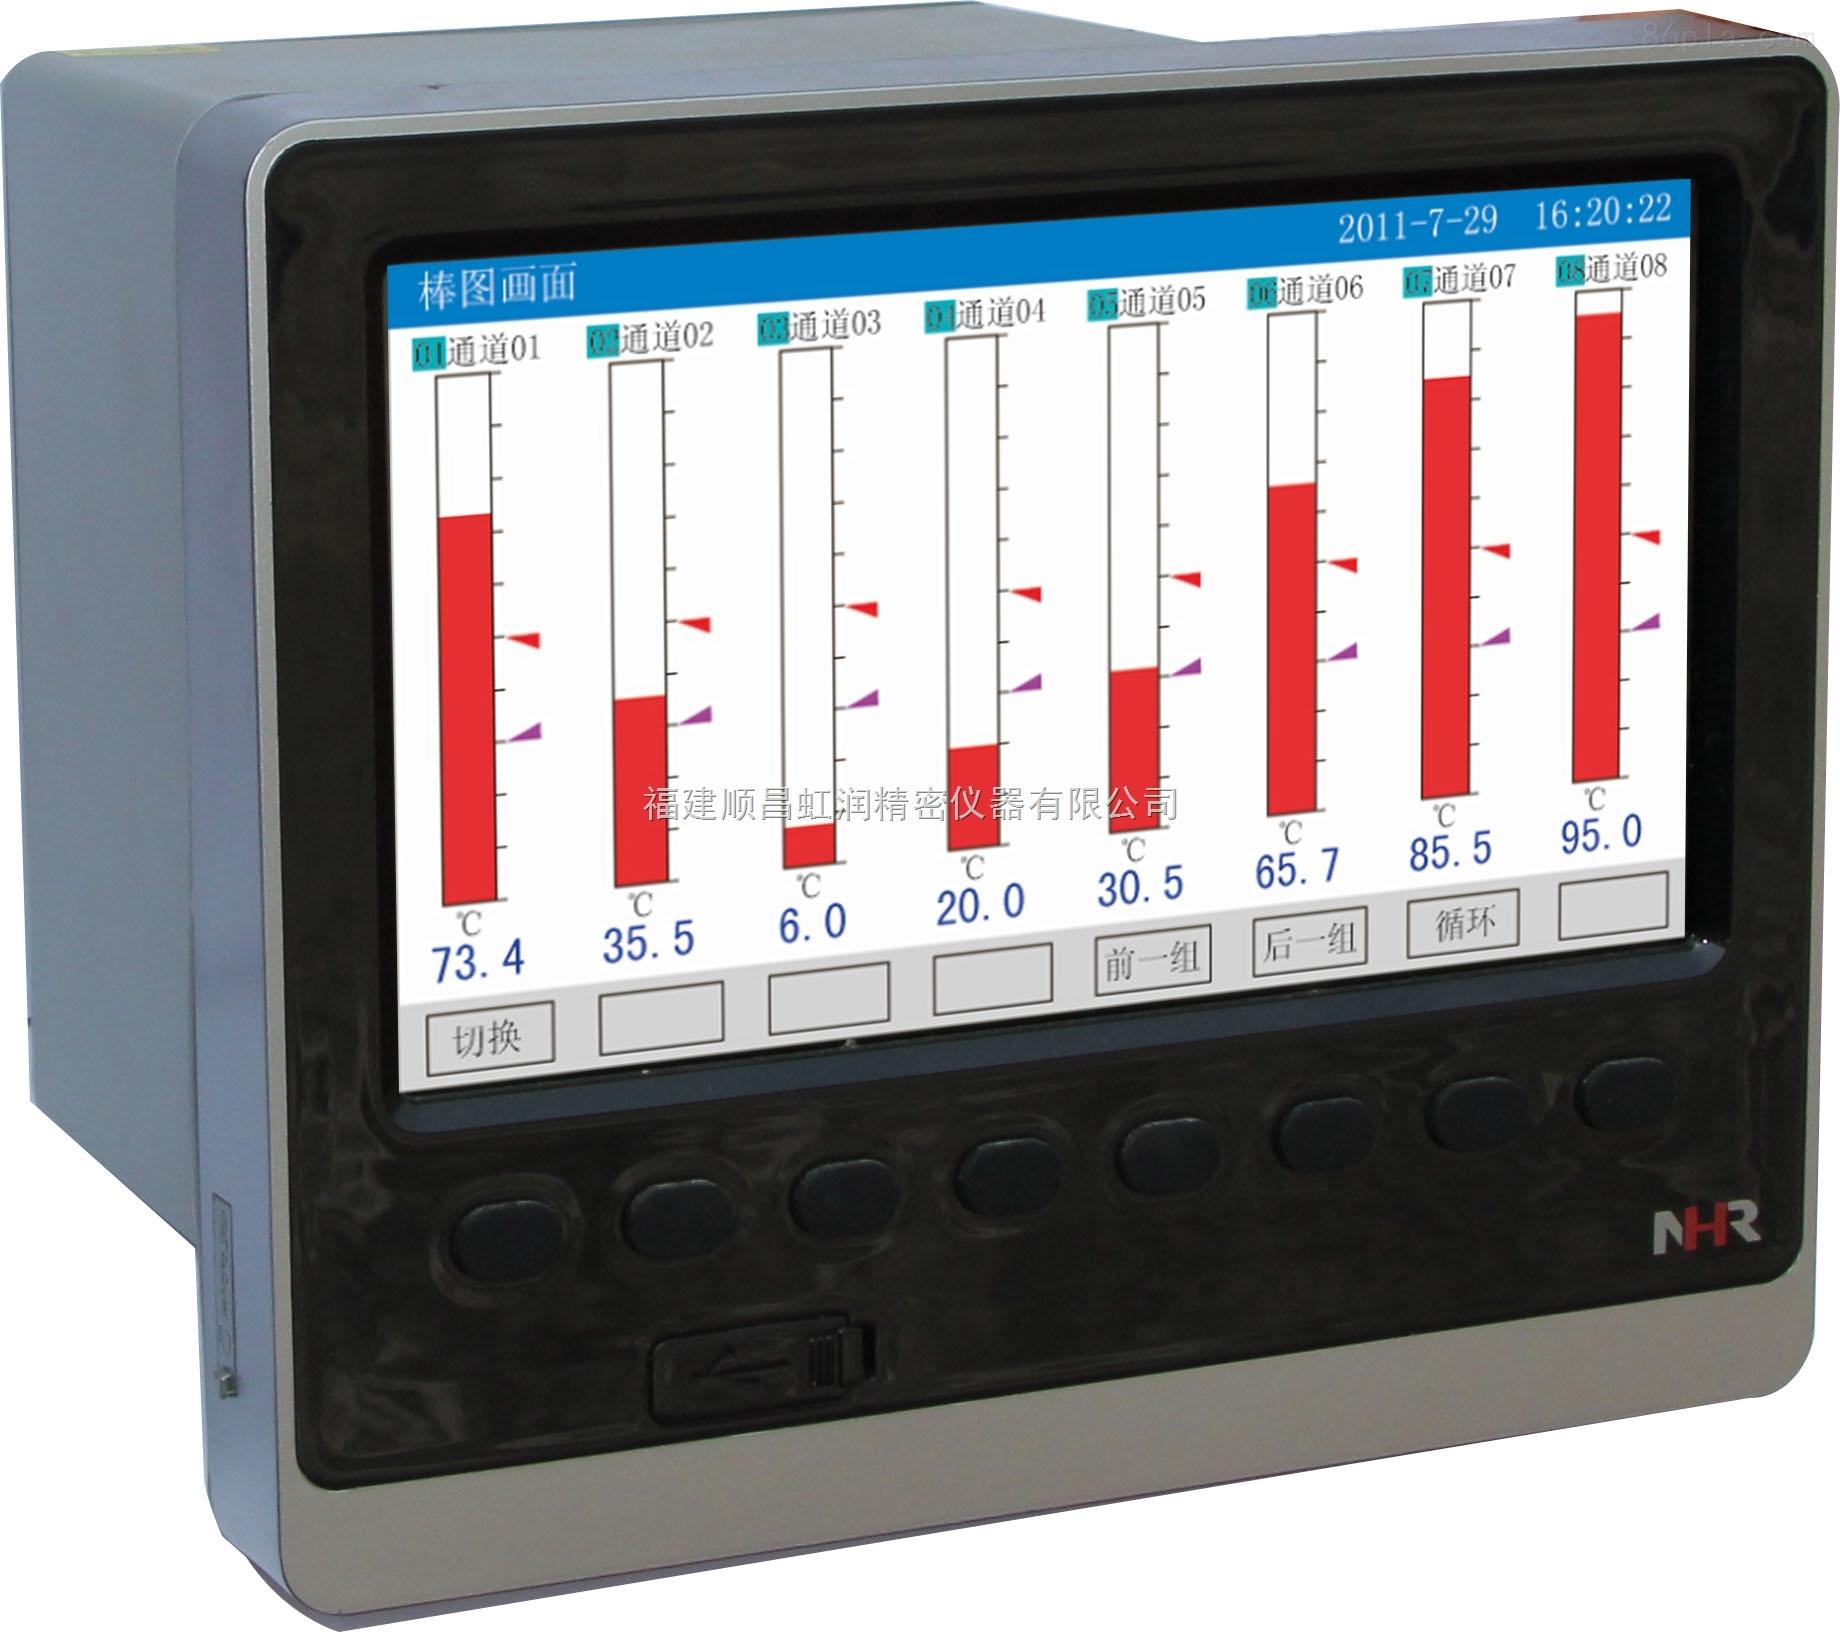 厂家直销NHR-8700/8700B系列48路彩色/蓝屏数据采集无纸记录仪